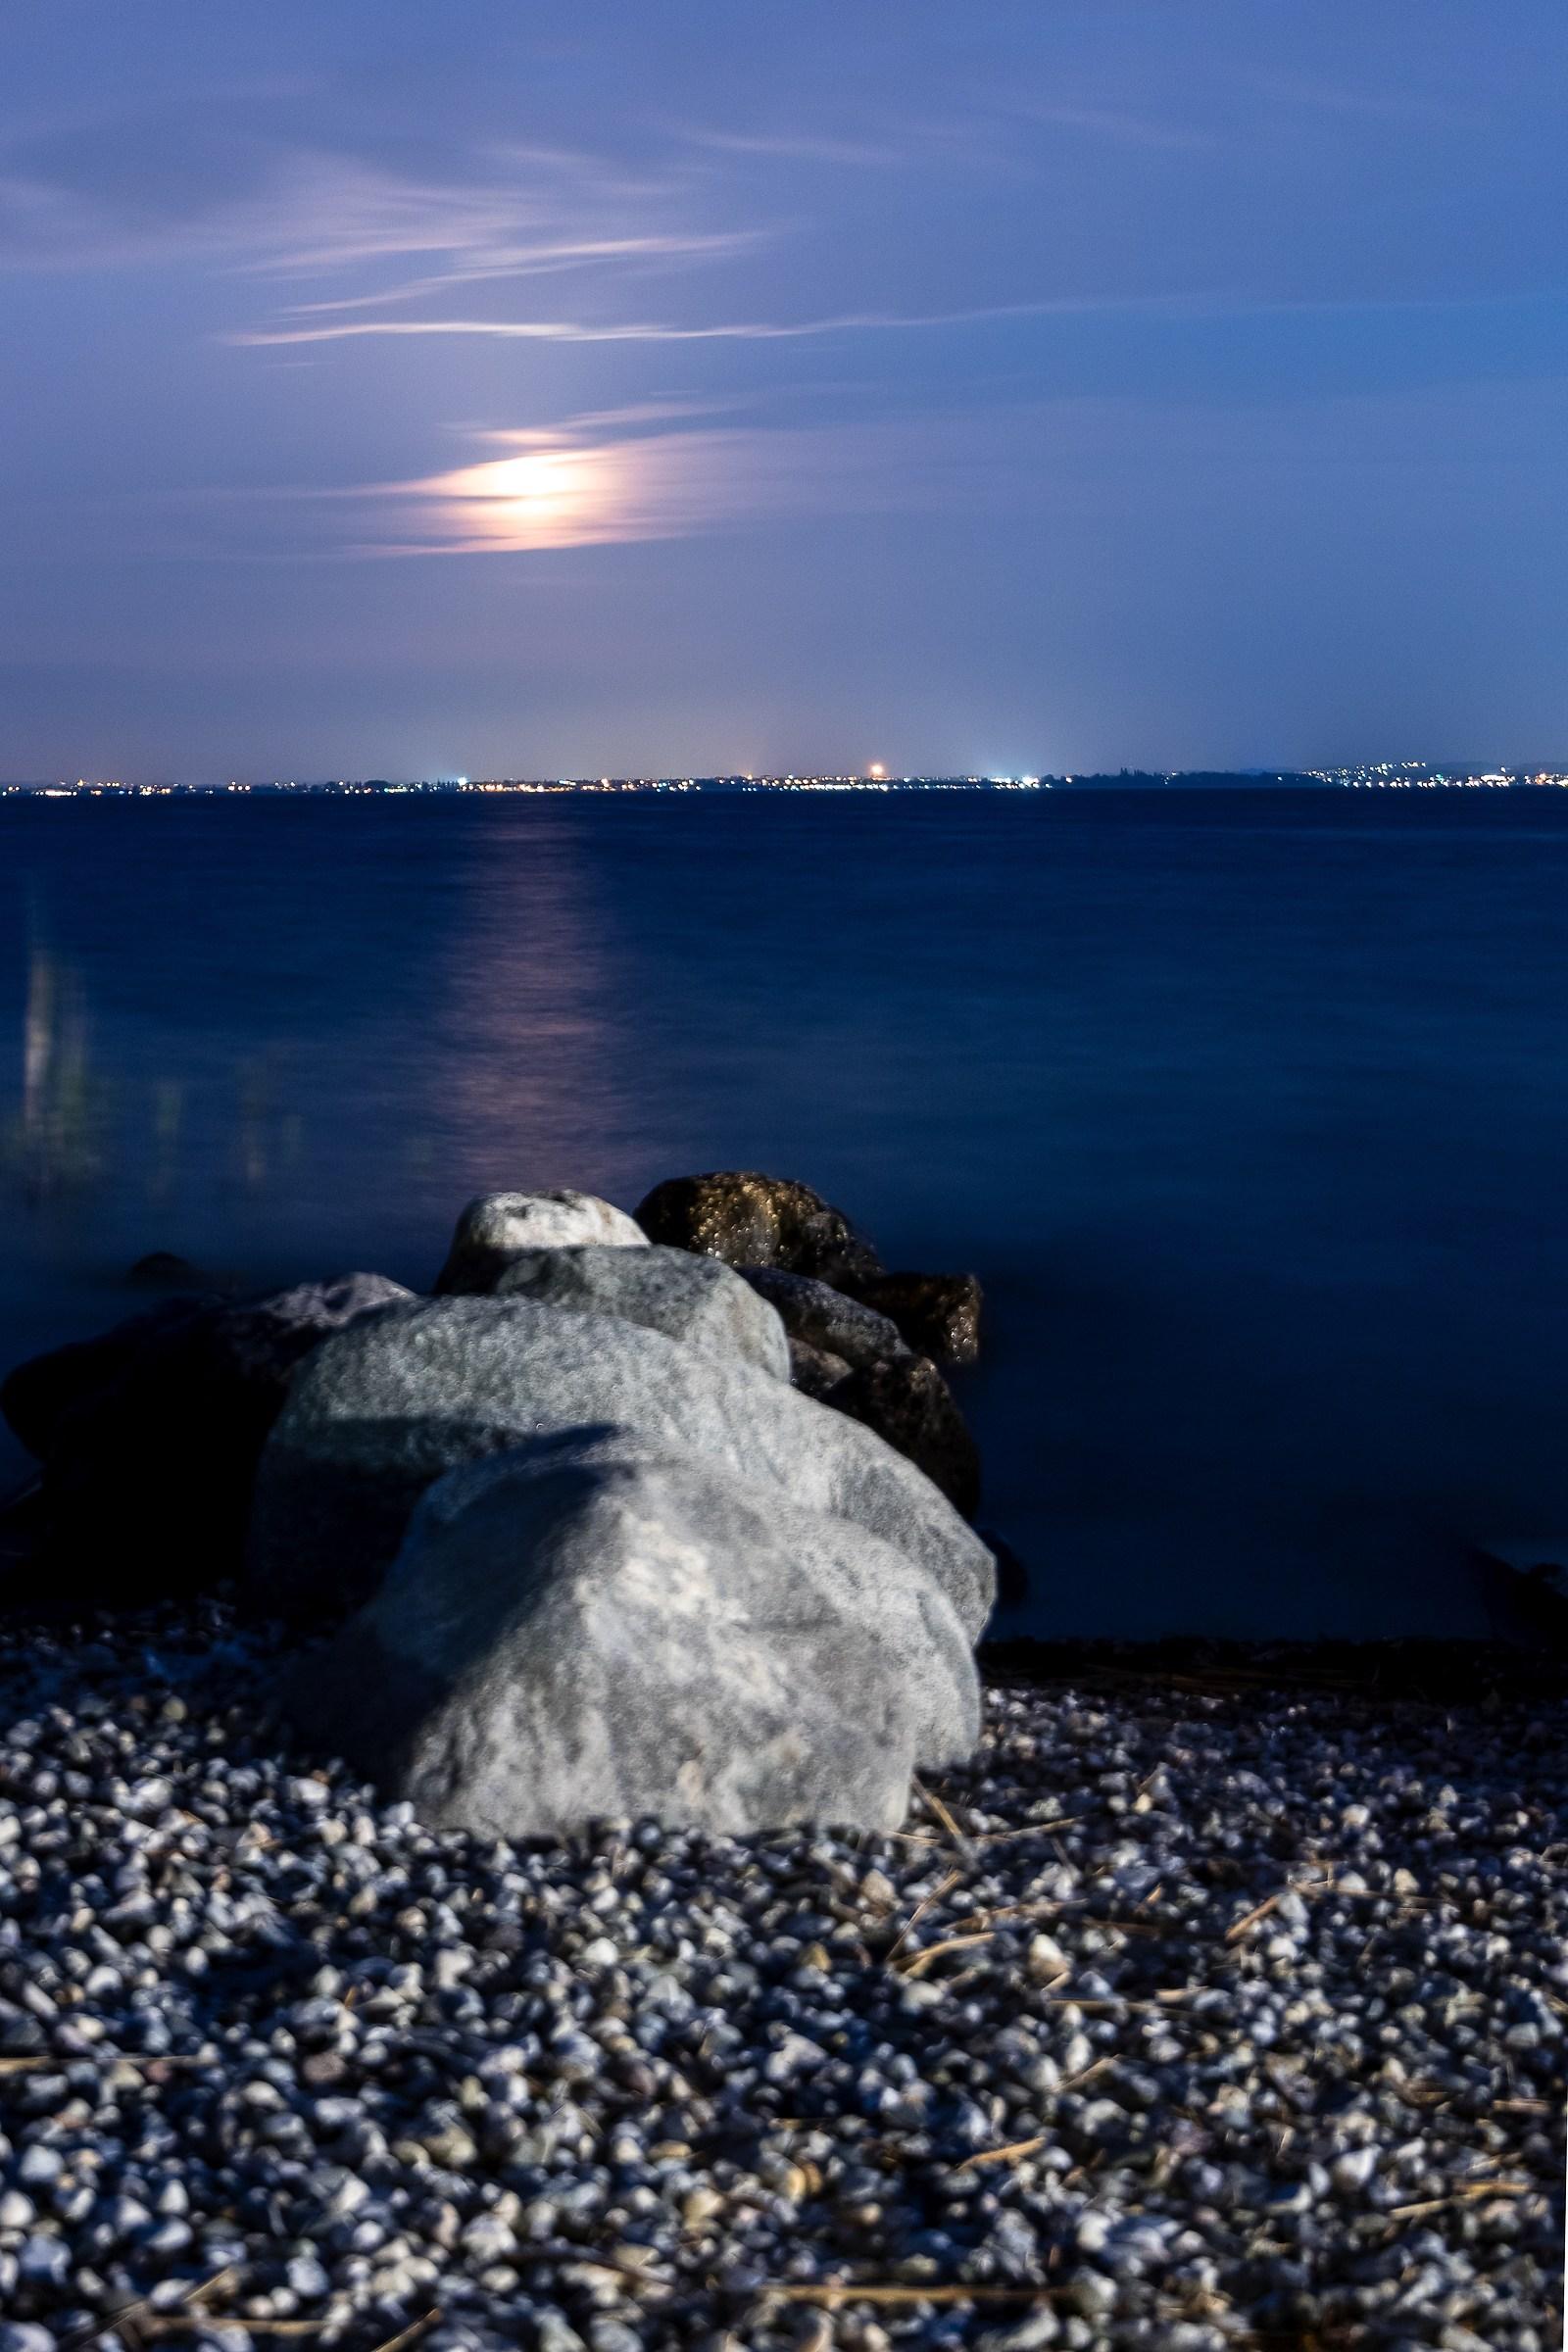 Au claire de la lune...